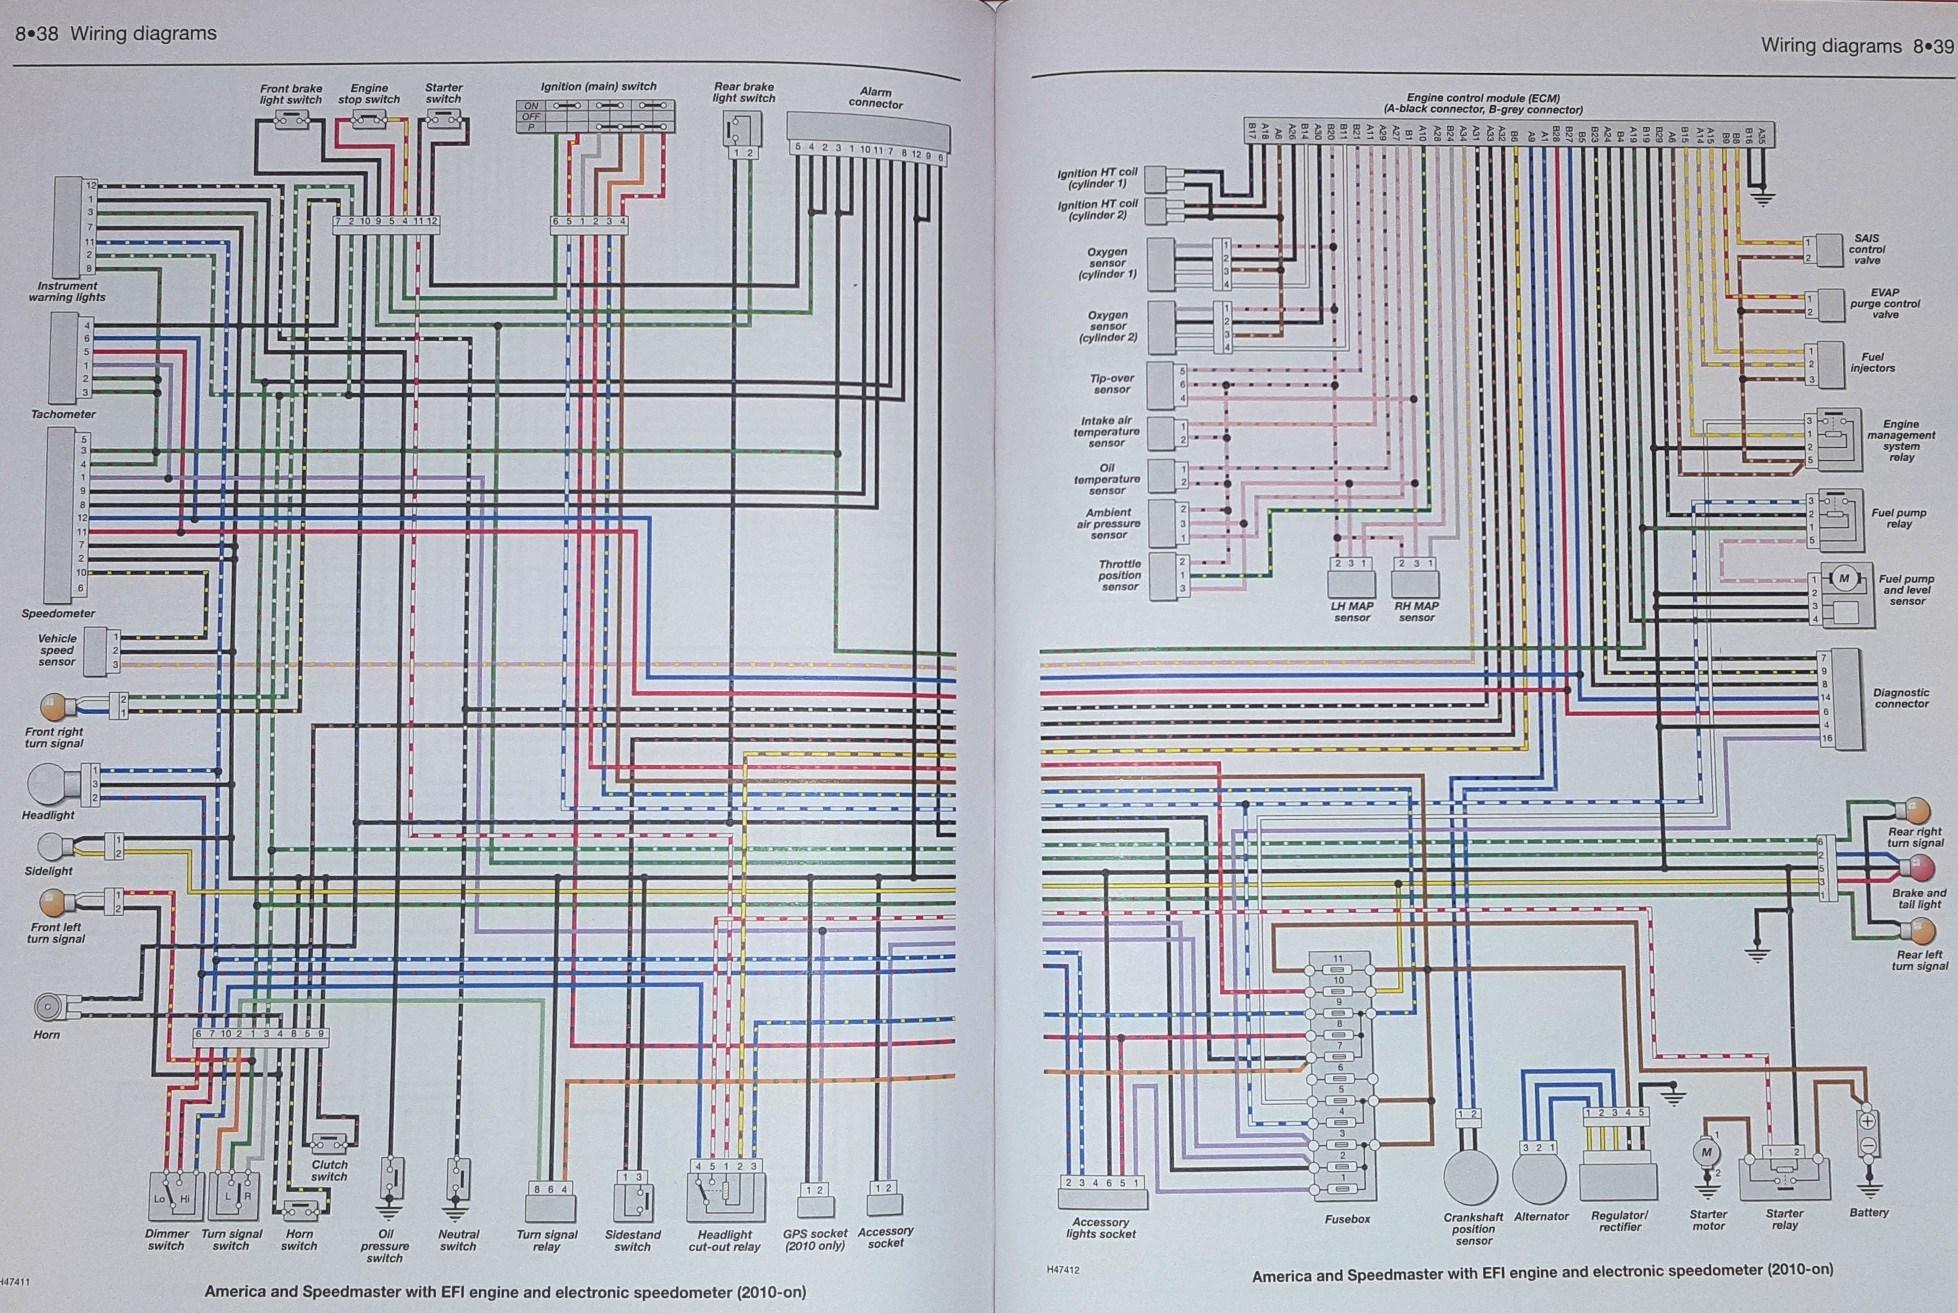 [SCHEMATICS_4LK]  NW_1476] Triumph Bonneville Wiring Diagram Further Wiring Diagram Triumph  Schematic Wiring | 2015 Triumph Thruxton Wiring Diagram |  | Pap Mang Phae Mohammedshrine Librar Wiring 101